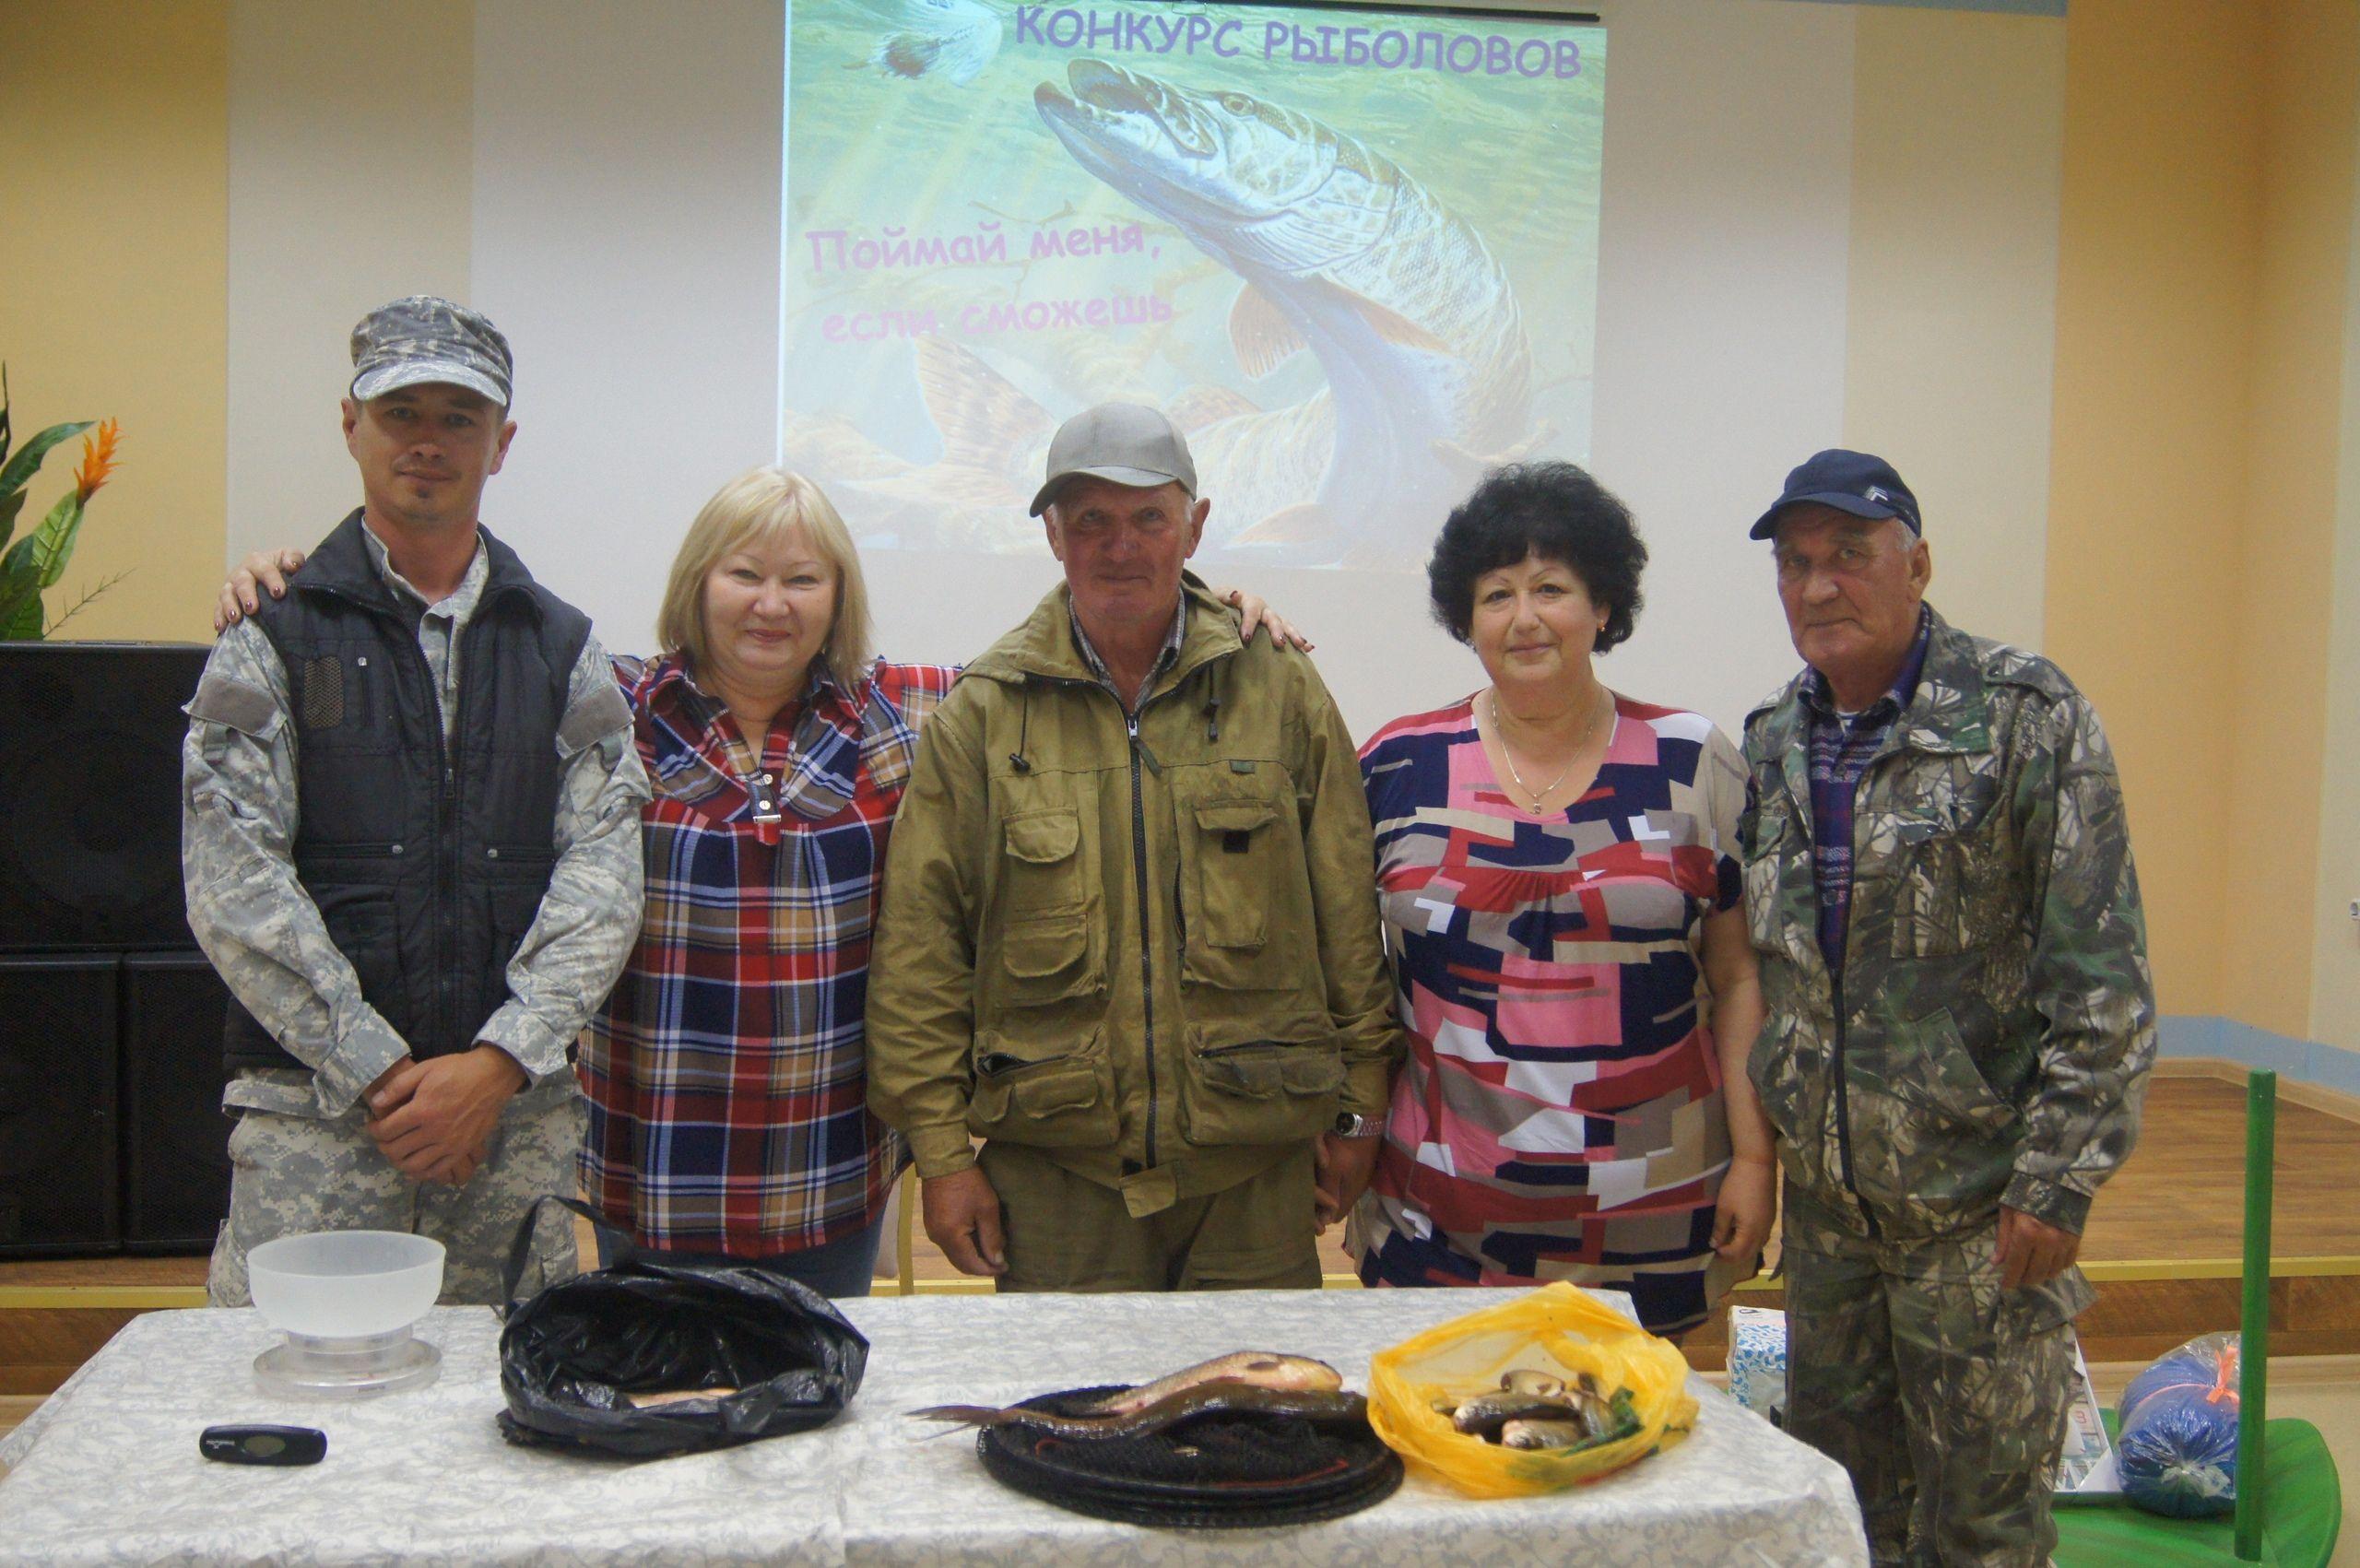 Депутат Совета депутатов поселения Рязановское организовала конкурс рыбаков